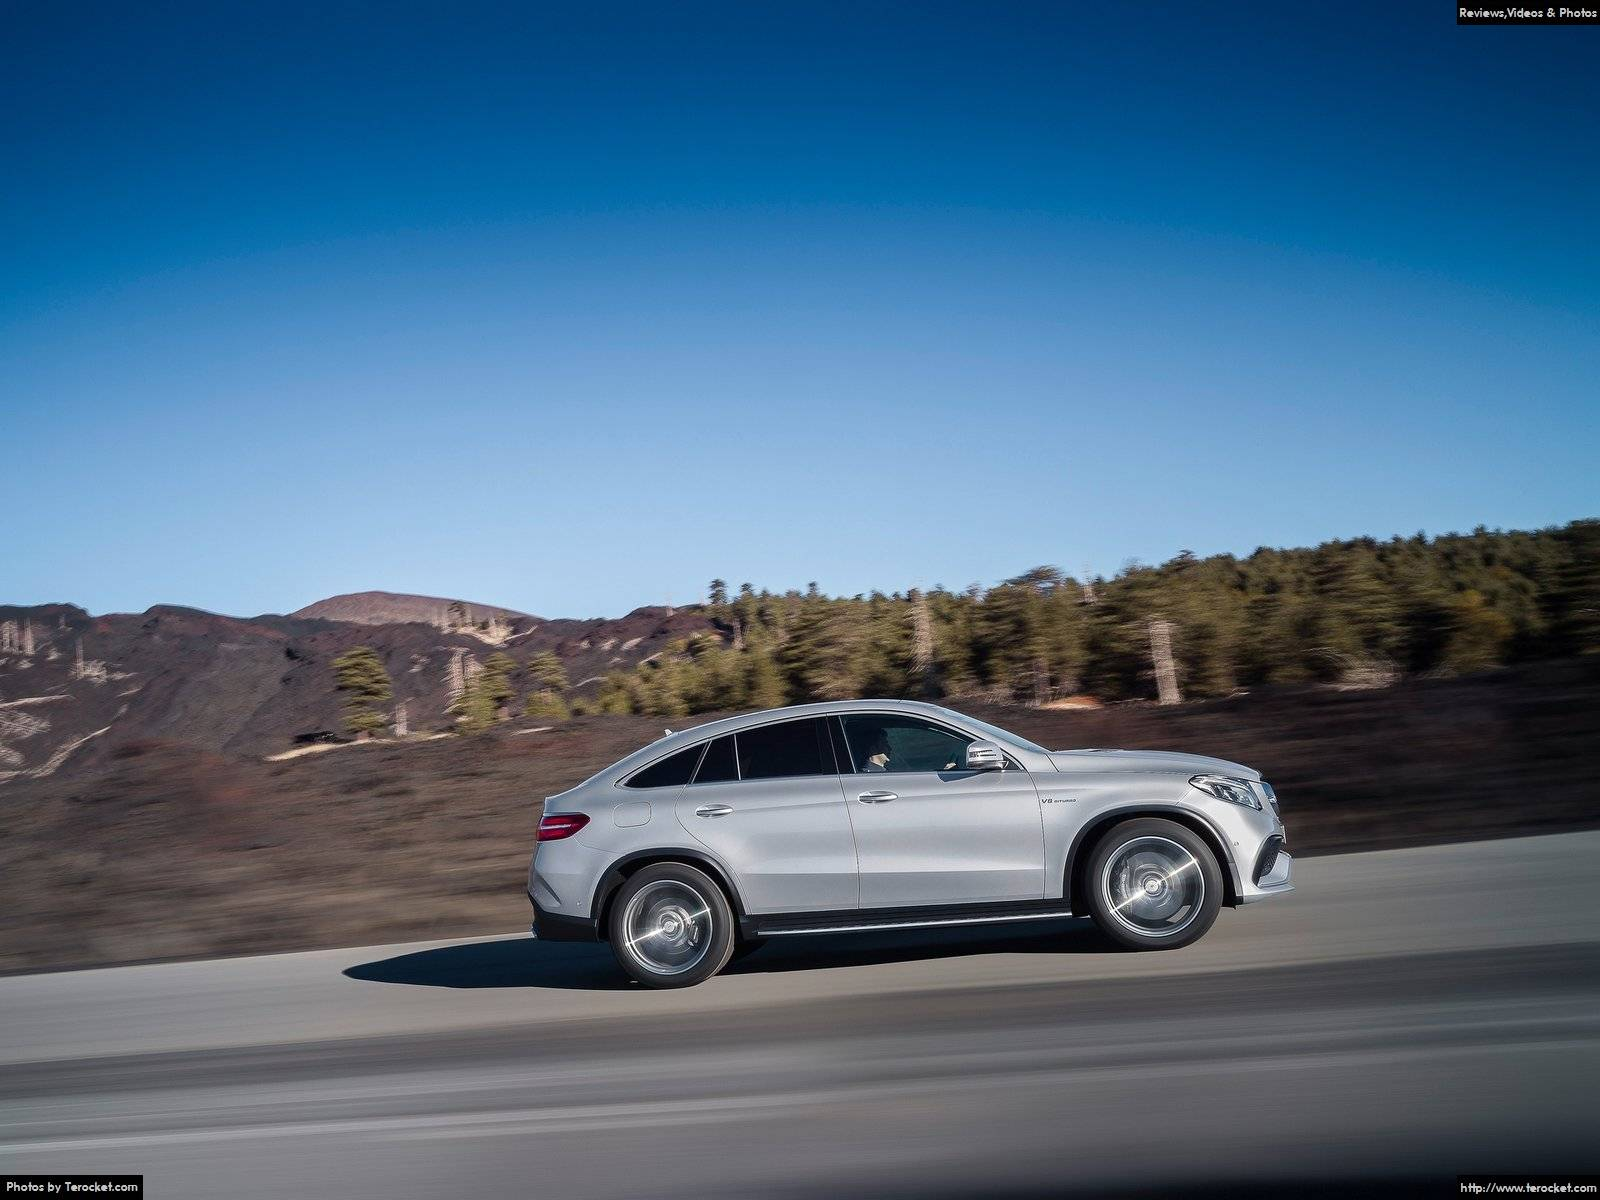 Hình ảnh xe ô tô Mercedes-Benz GLE63 AMG Coupe 2016 & nội ngoại thất